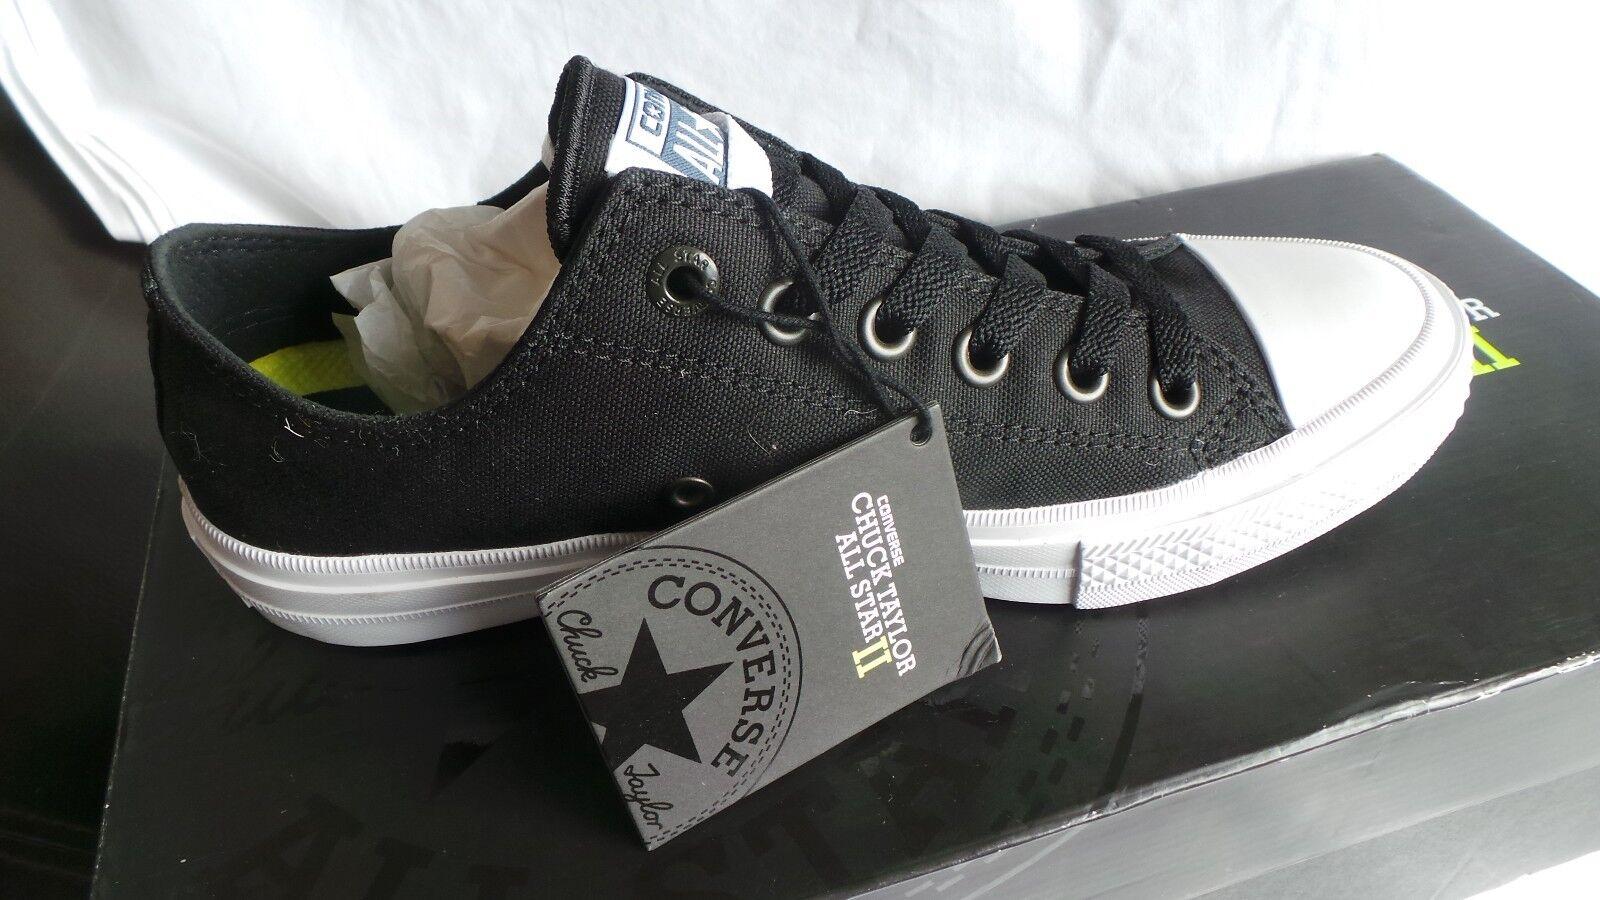 NEW in box Ltd Ed II Converse All Star Chuck II Ed Black Ox trainers Size 6 8f06bb